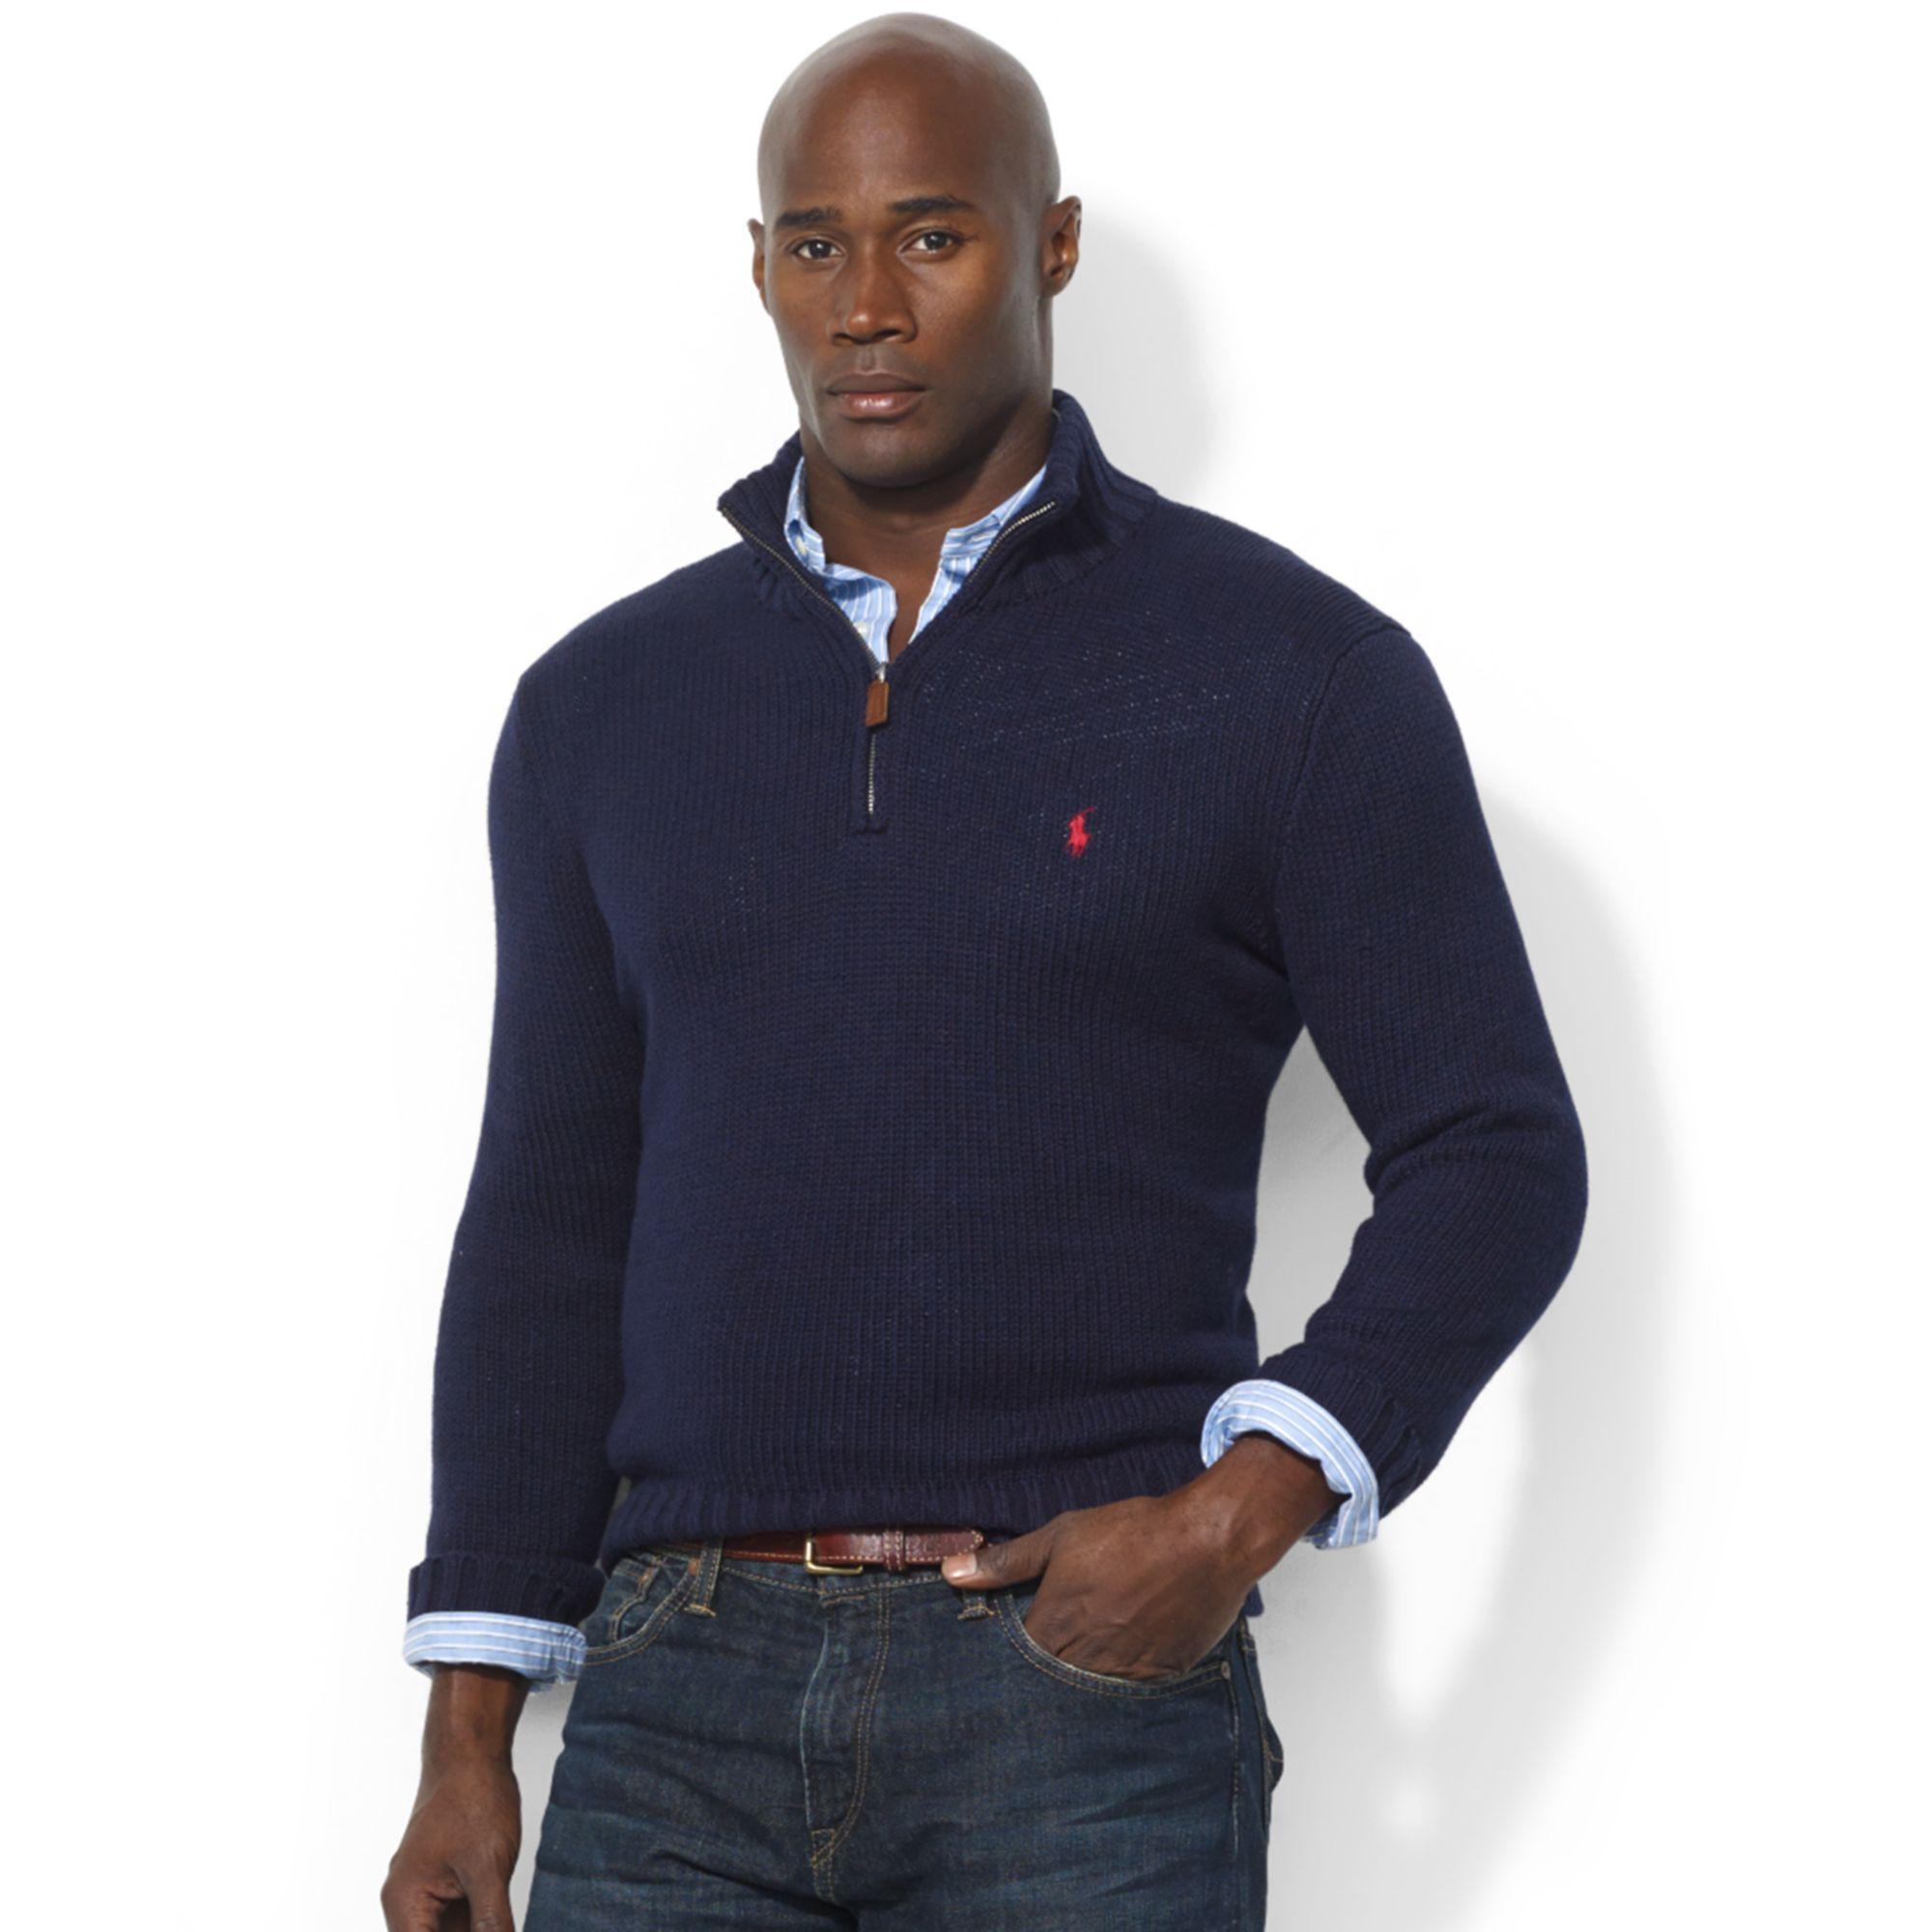 Mens Get Ralph Half Dbb42 5da85 Polo Pullover Zip Lauren Sweater BtChQrdsxo